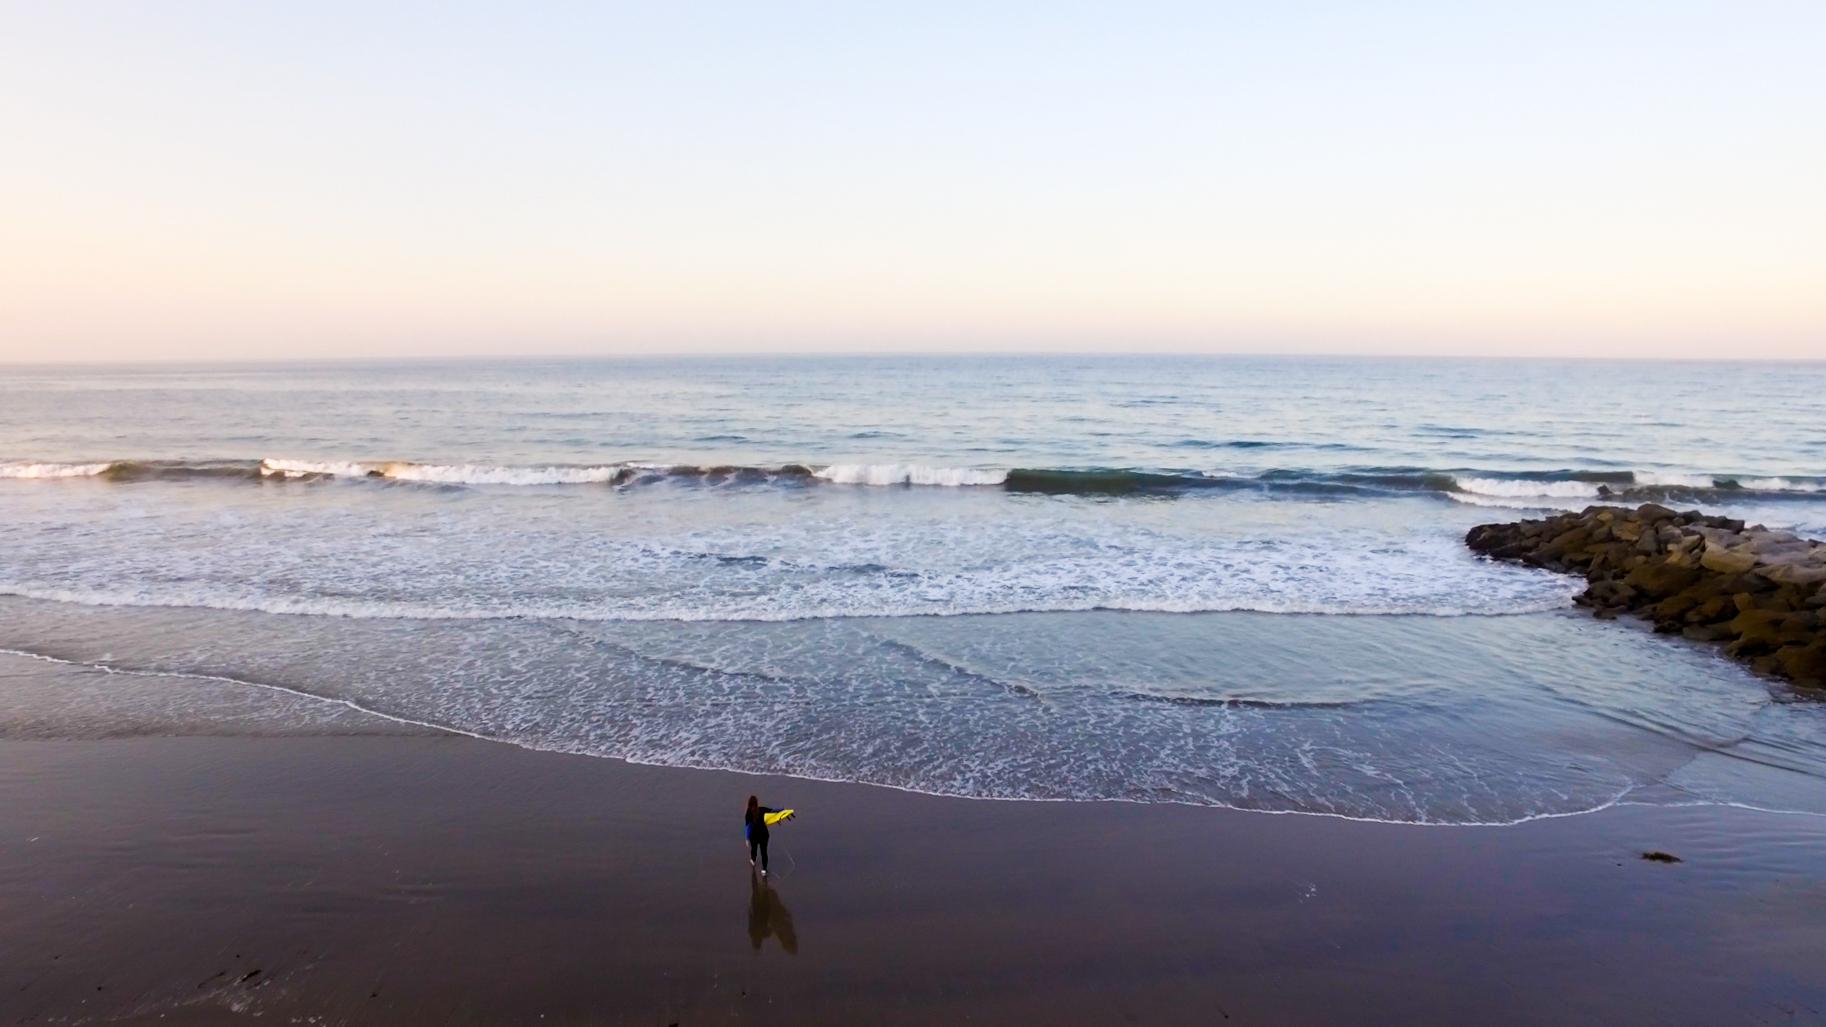 Surfing_aerial1.jpg